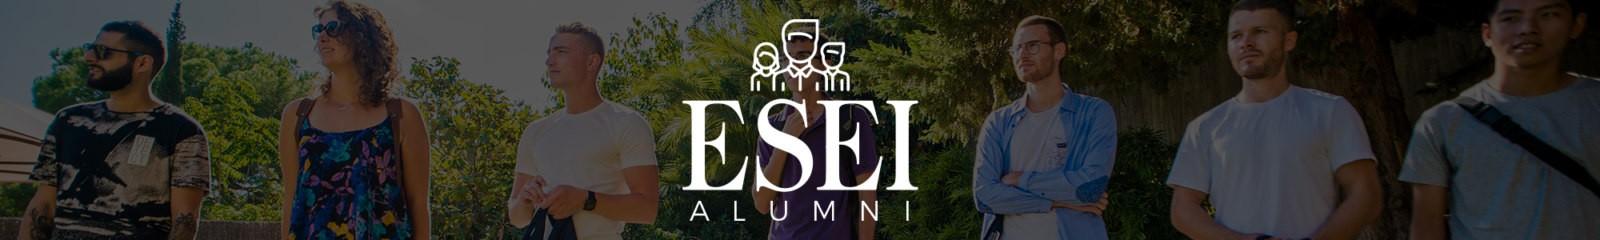 ESEI Alumni 5